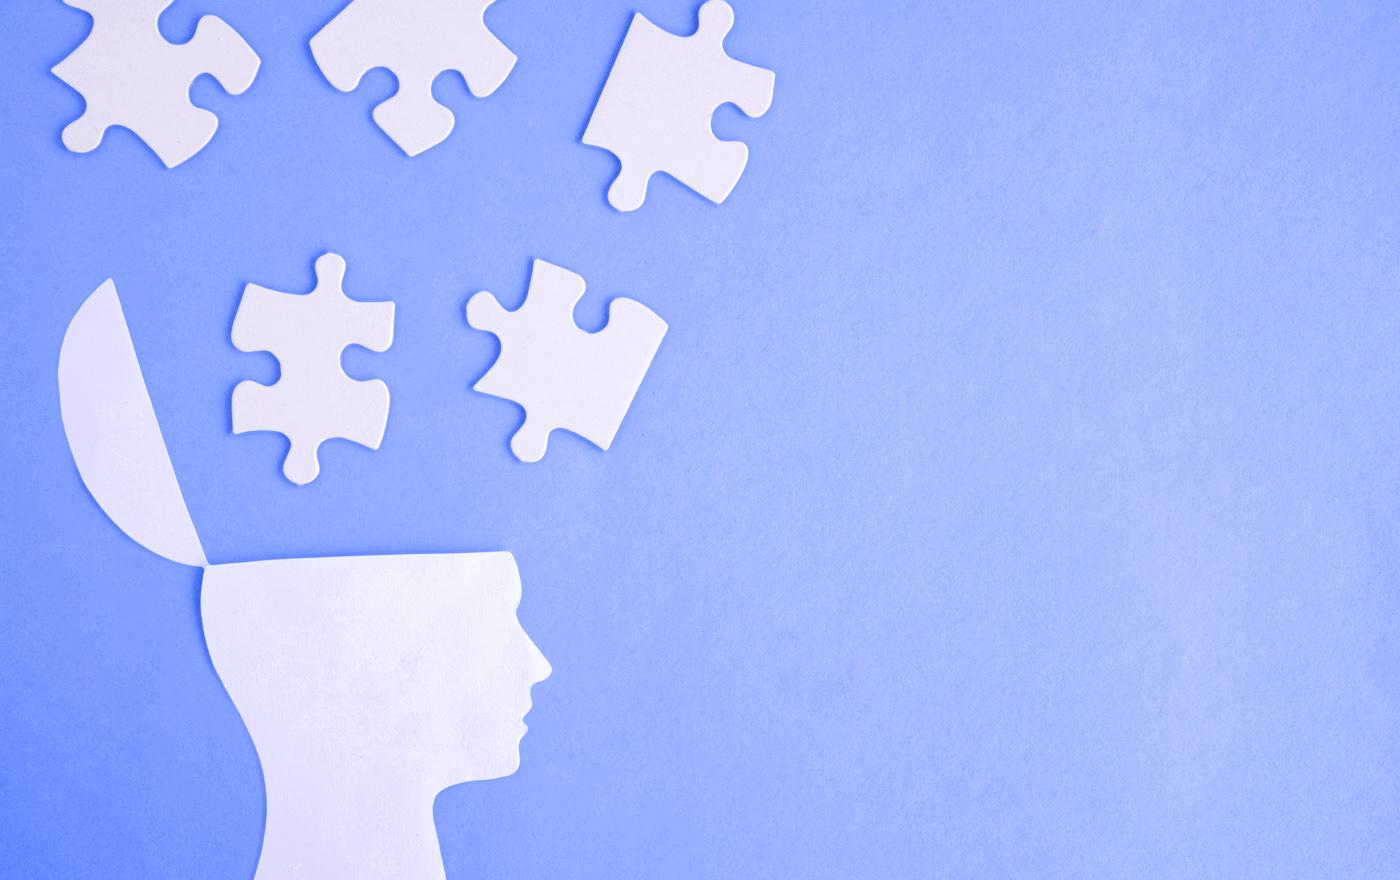 مرور مطالب با ۳ تکنیکی که اطلاعات را به حافظه بلندمدت منتقل میکند